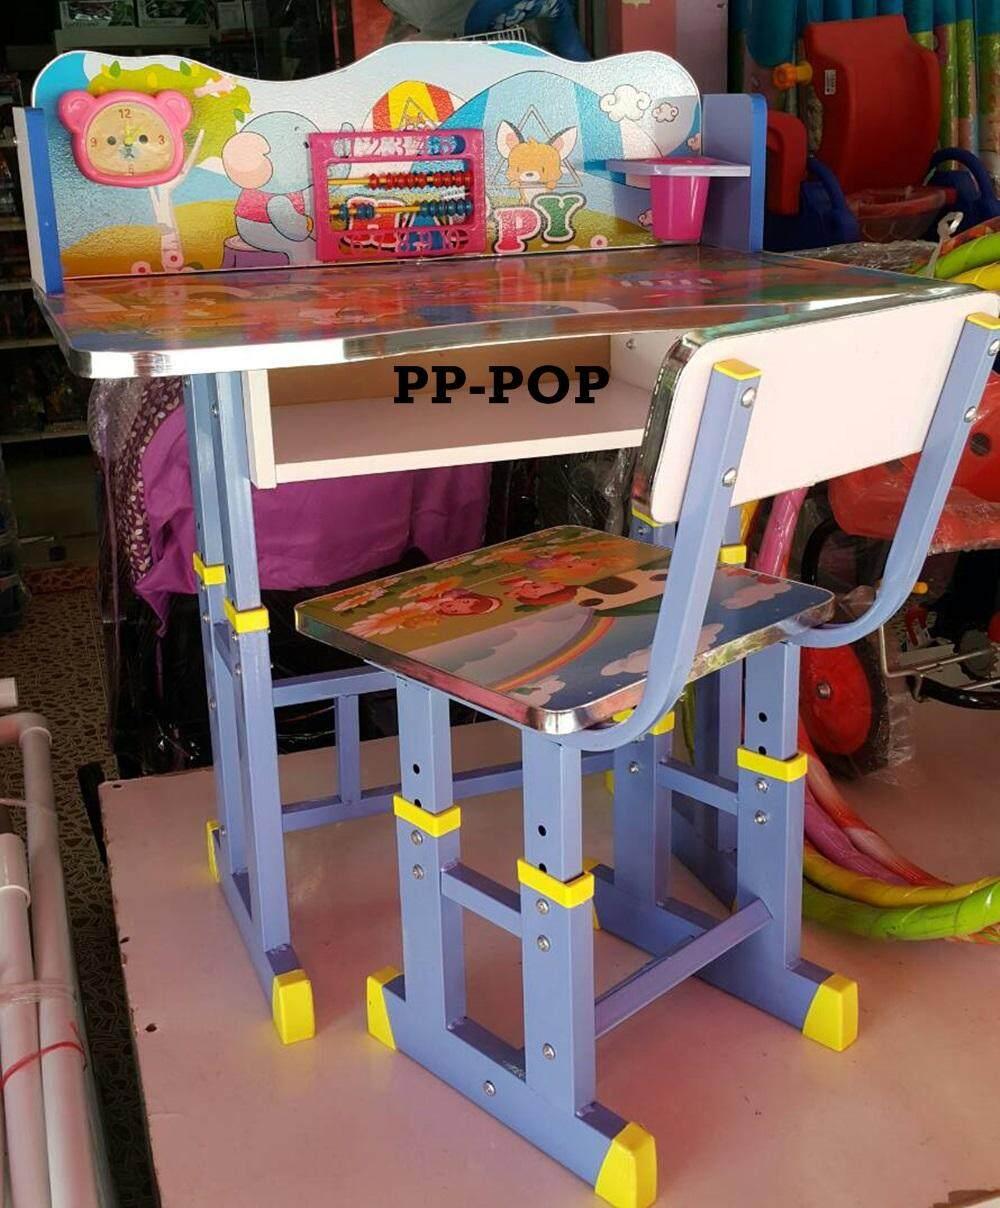 Pp-Pop ชุดโต๊ะเขียนหนังสือเด็กปรับระดับสูง-ต่ำได้ 3 ระดับ พร้อมนาฬิกา ที่วางแก้ว และแผงตัวเลขลูกคิดเสริมทักษะ By Pp-Pop.